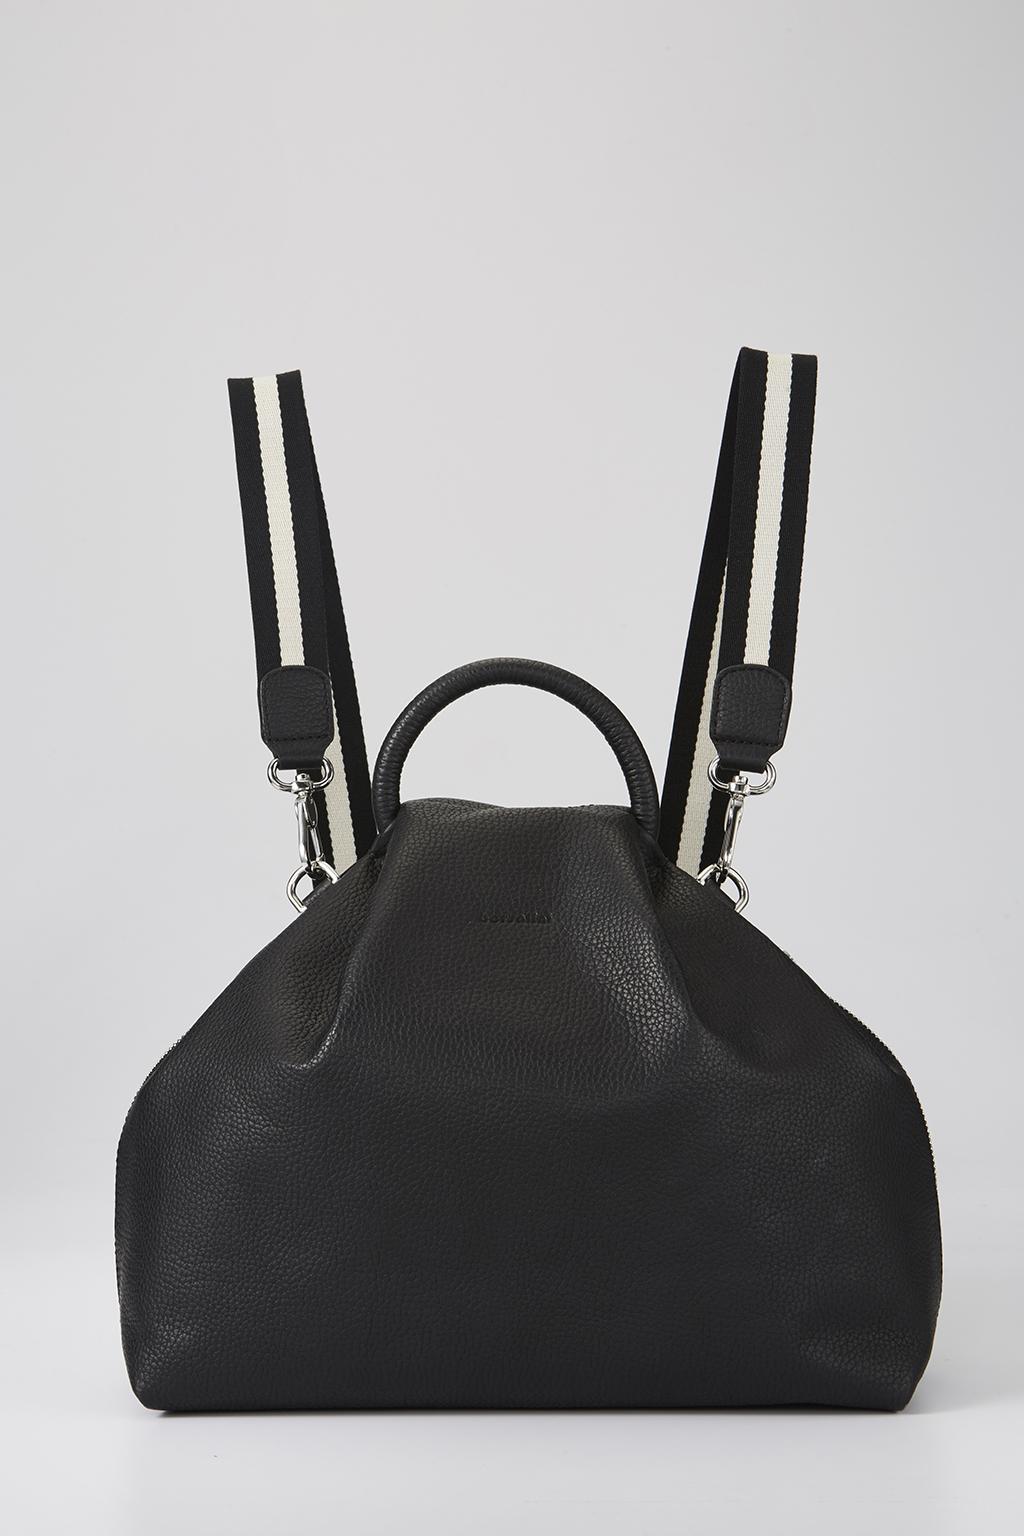 時尚與實用兼具 borsalini 純粹樂活系列2-WAY包